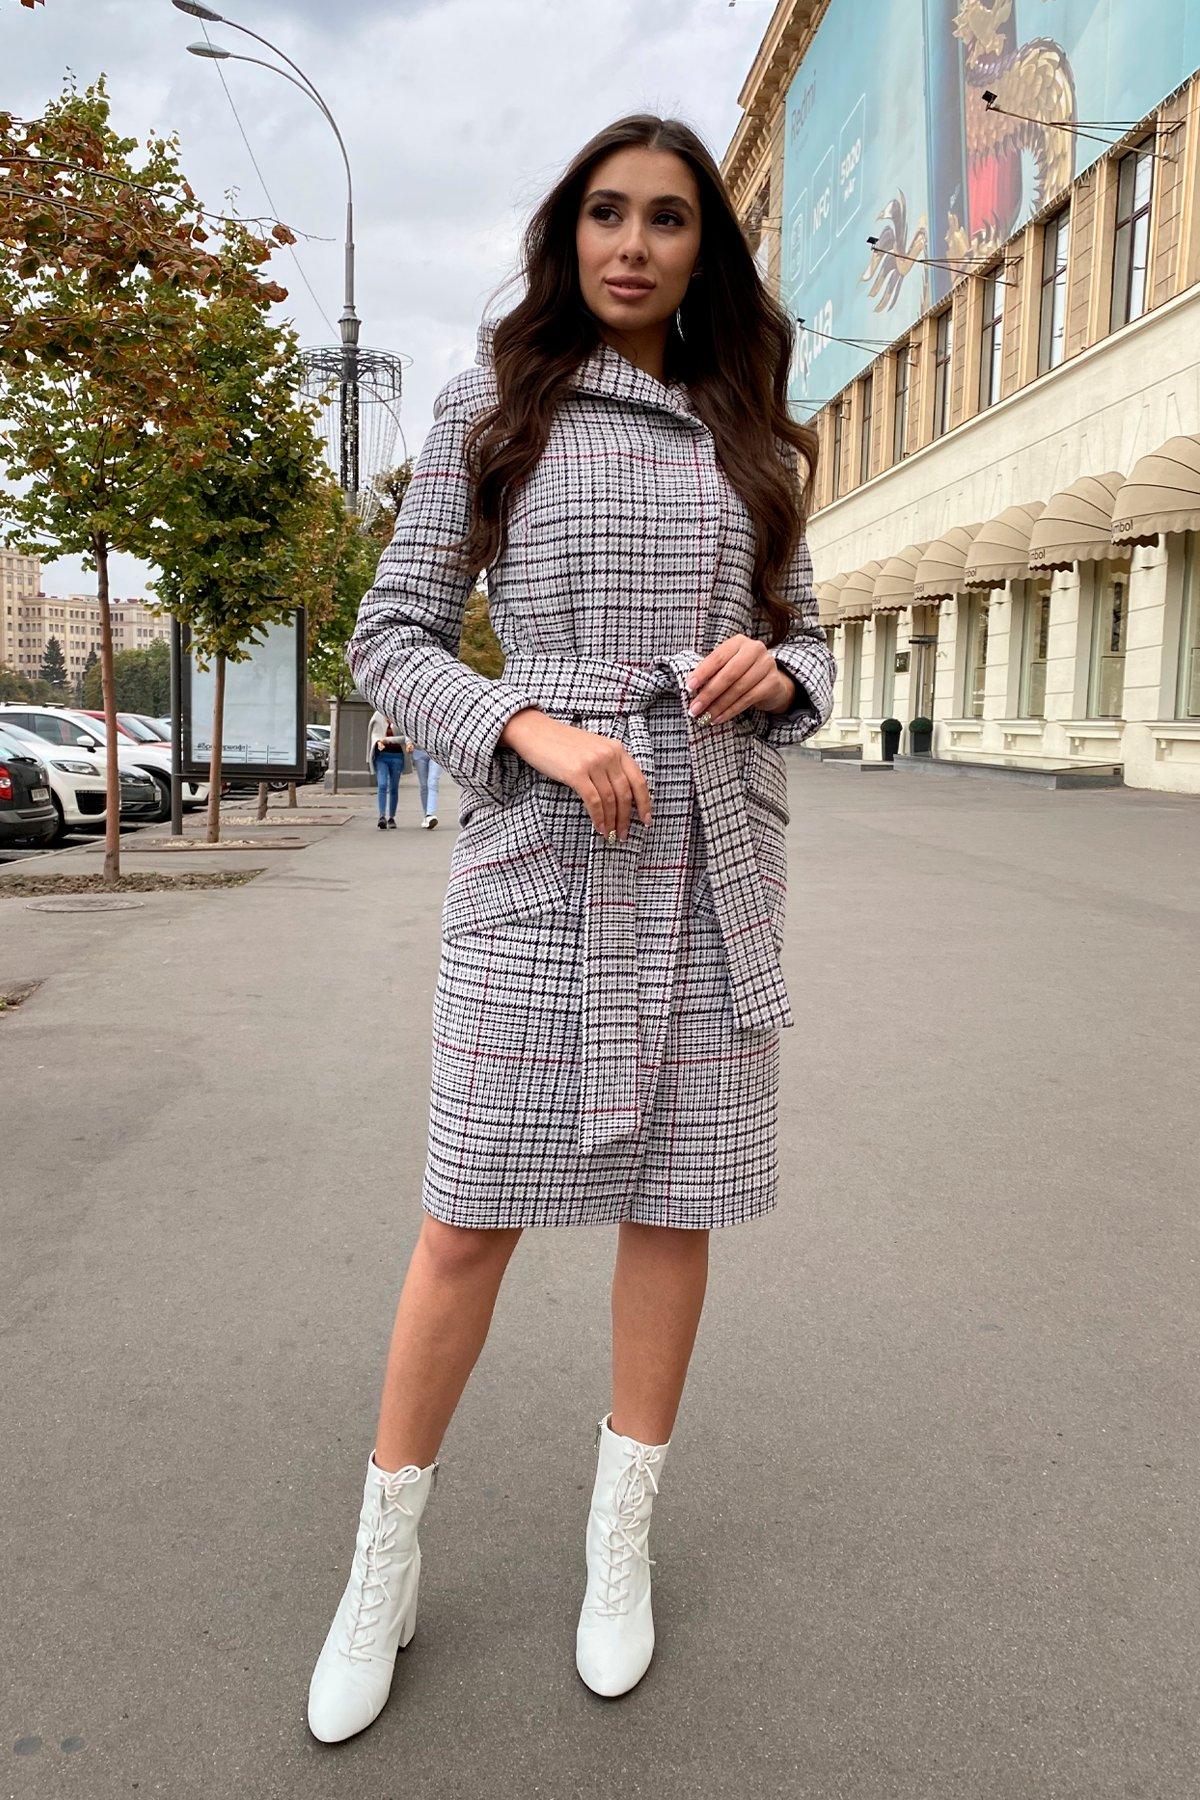 Зимнее пальто в стильную клетку Анджи 8276 АРТ. 44724 Цвет: Клетка кр черн/сер/вин - фото 18, интернет магазин tm-modus.ru